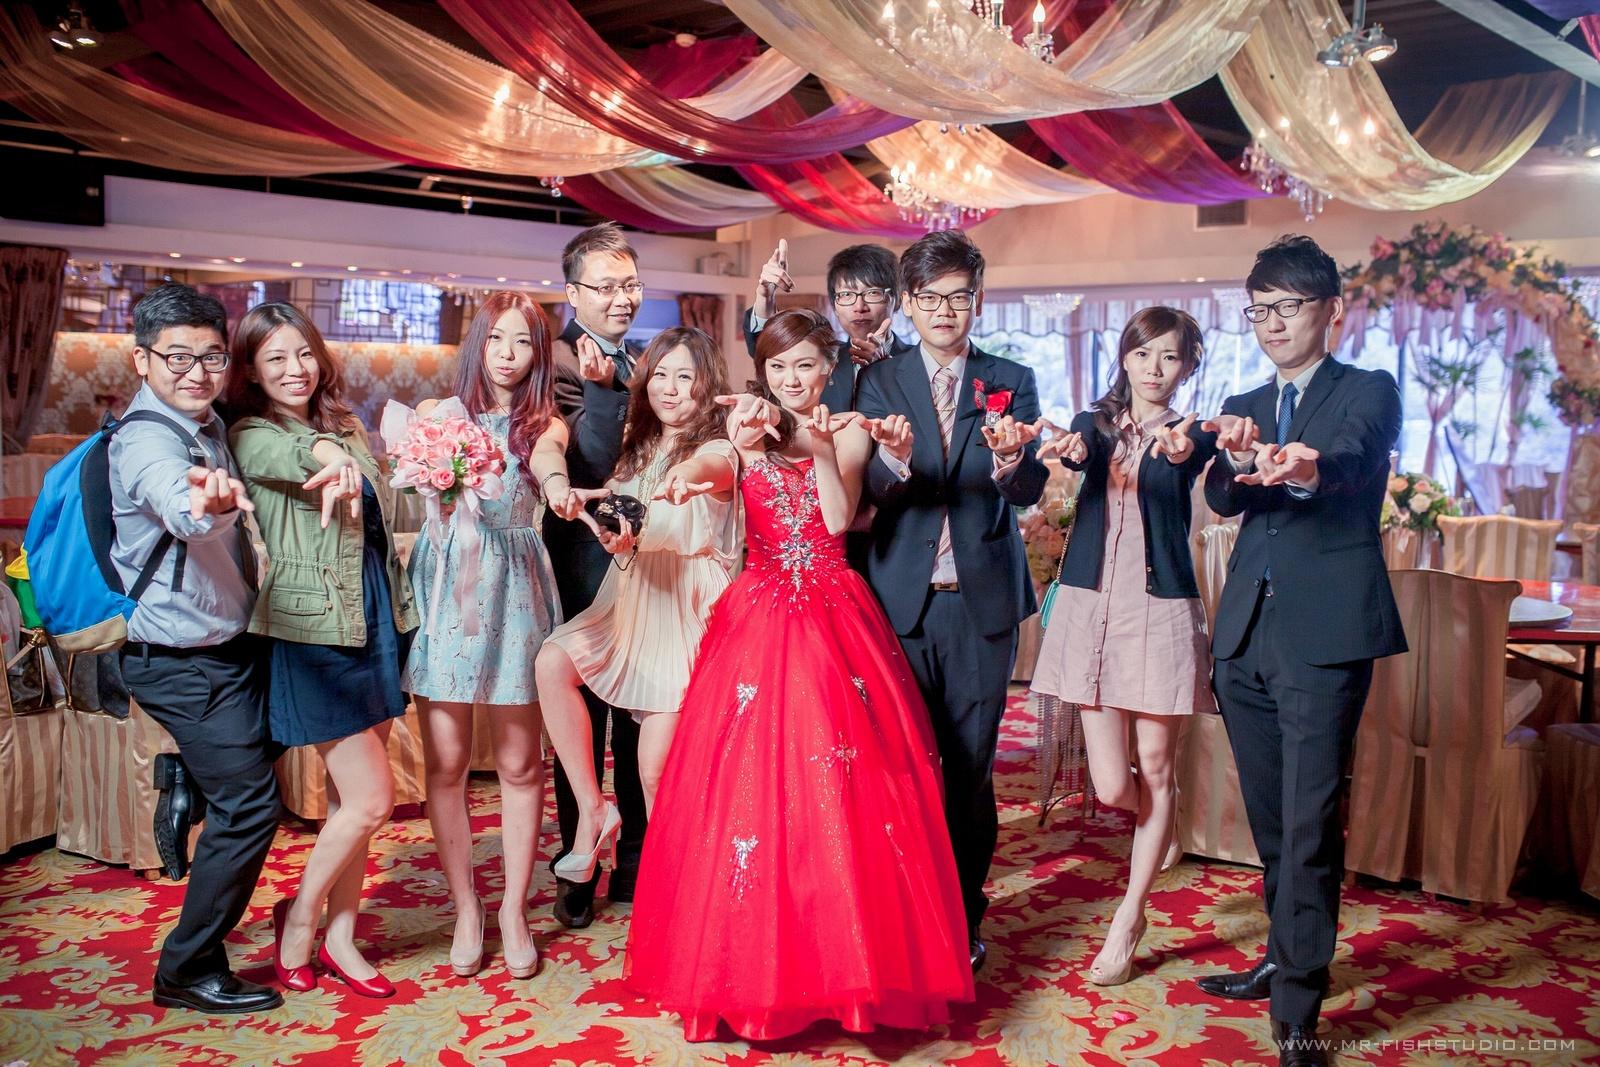 【Wedding】雅雯+翔生婚禮精選